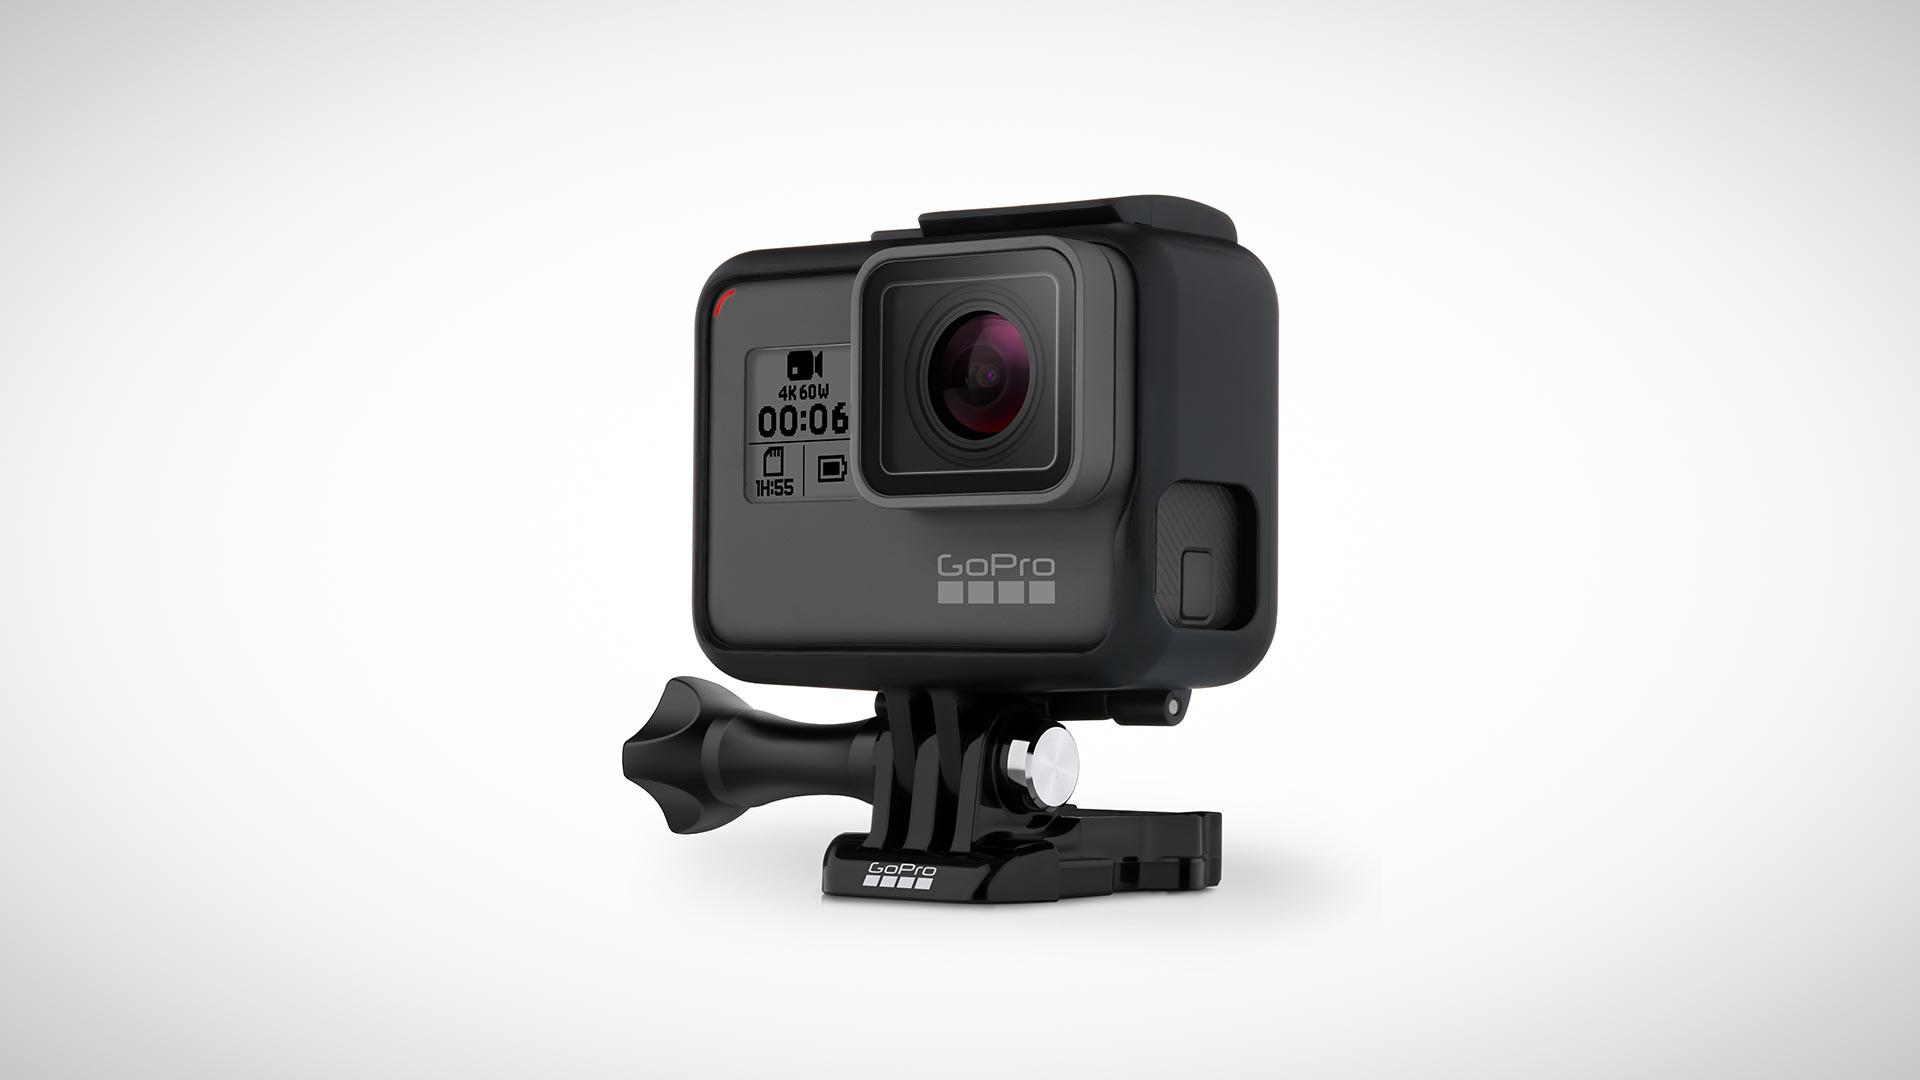 GoPro hero6 black for Christmas 2017